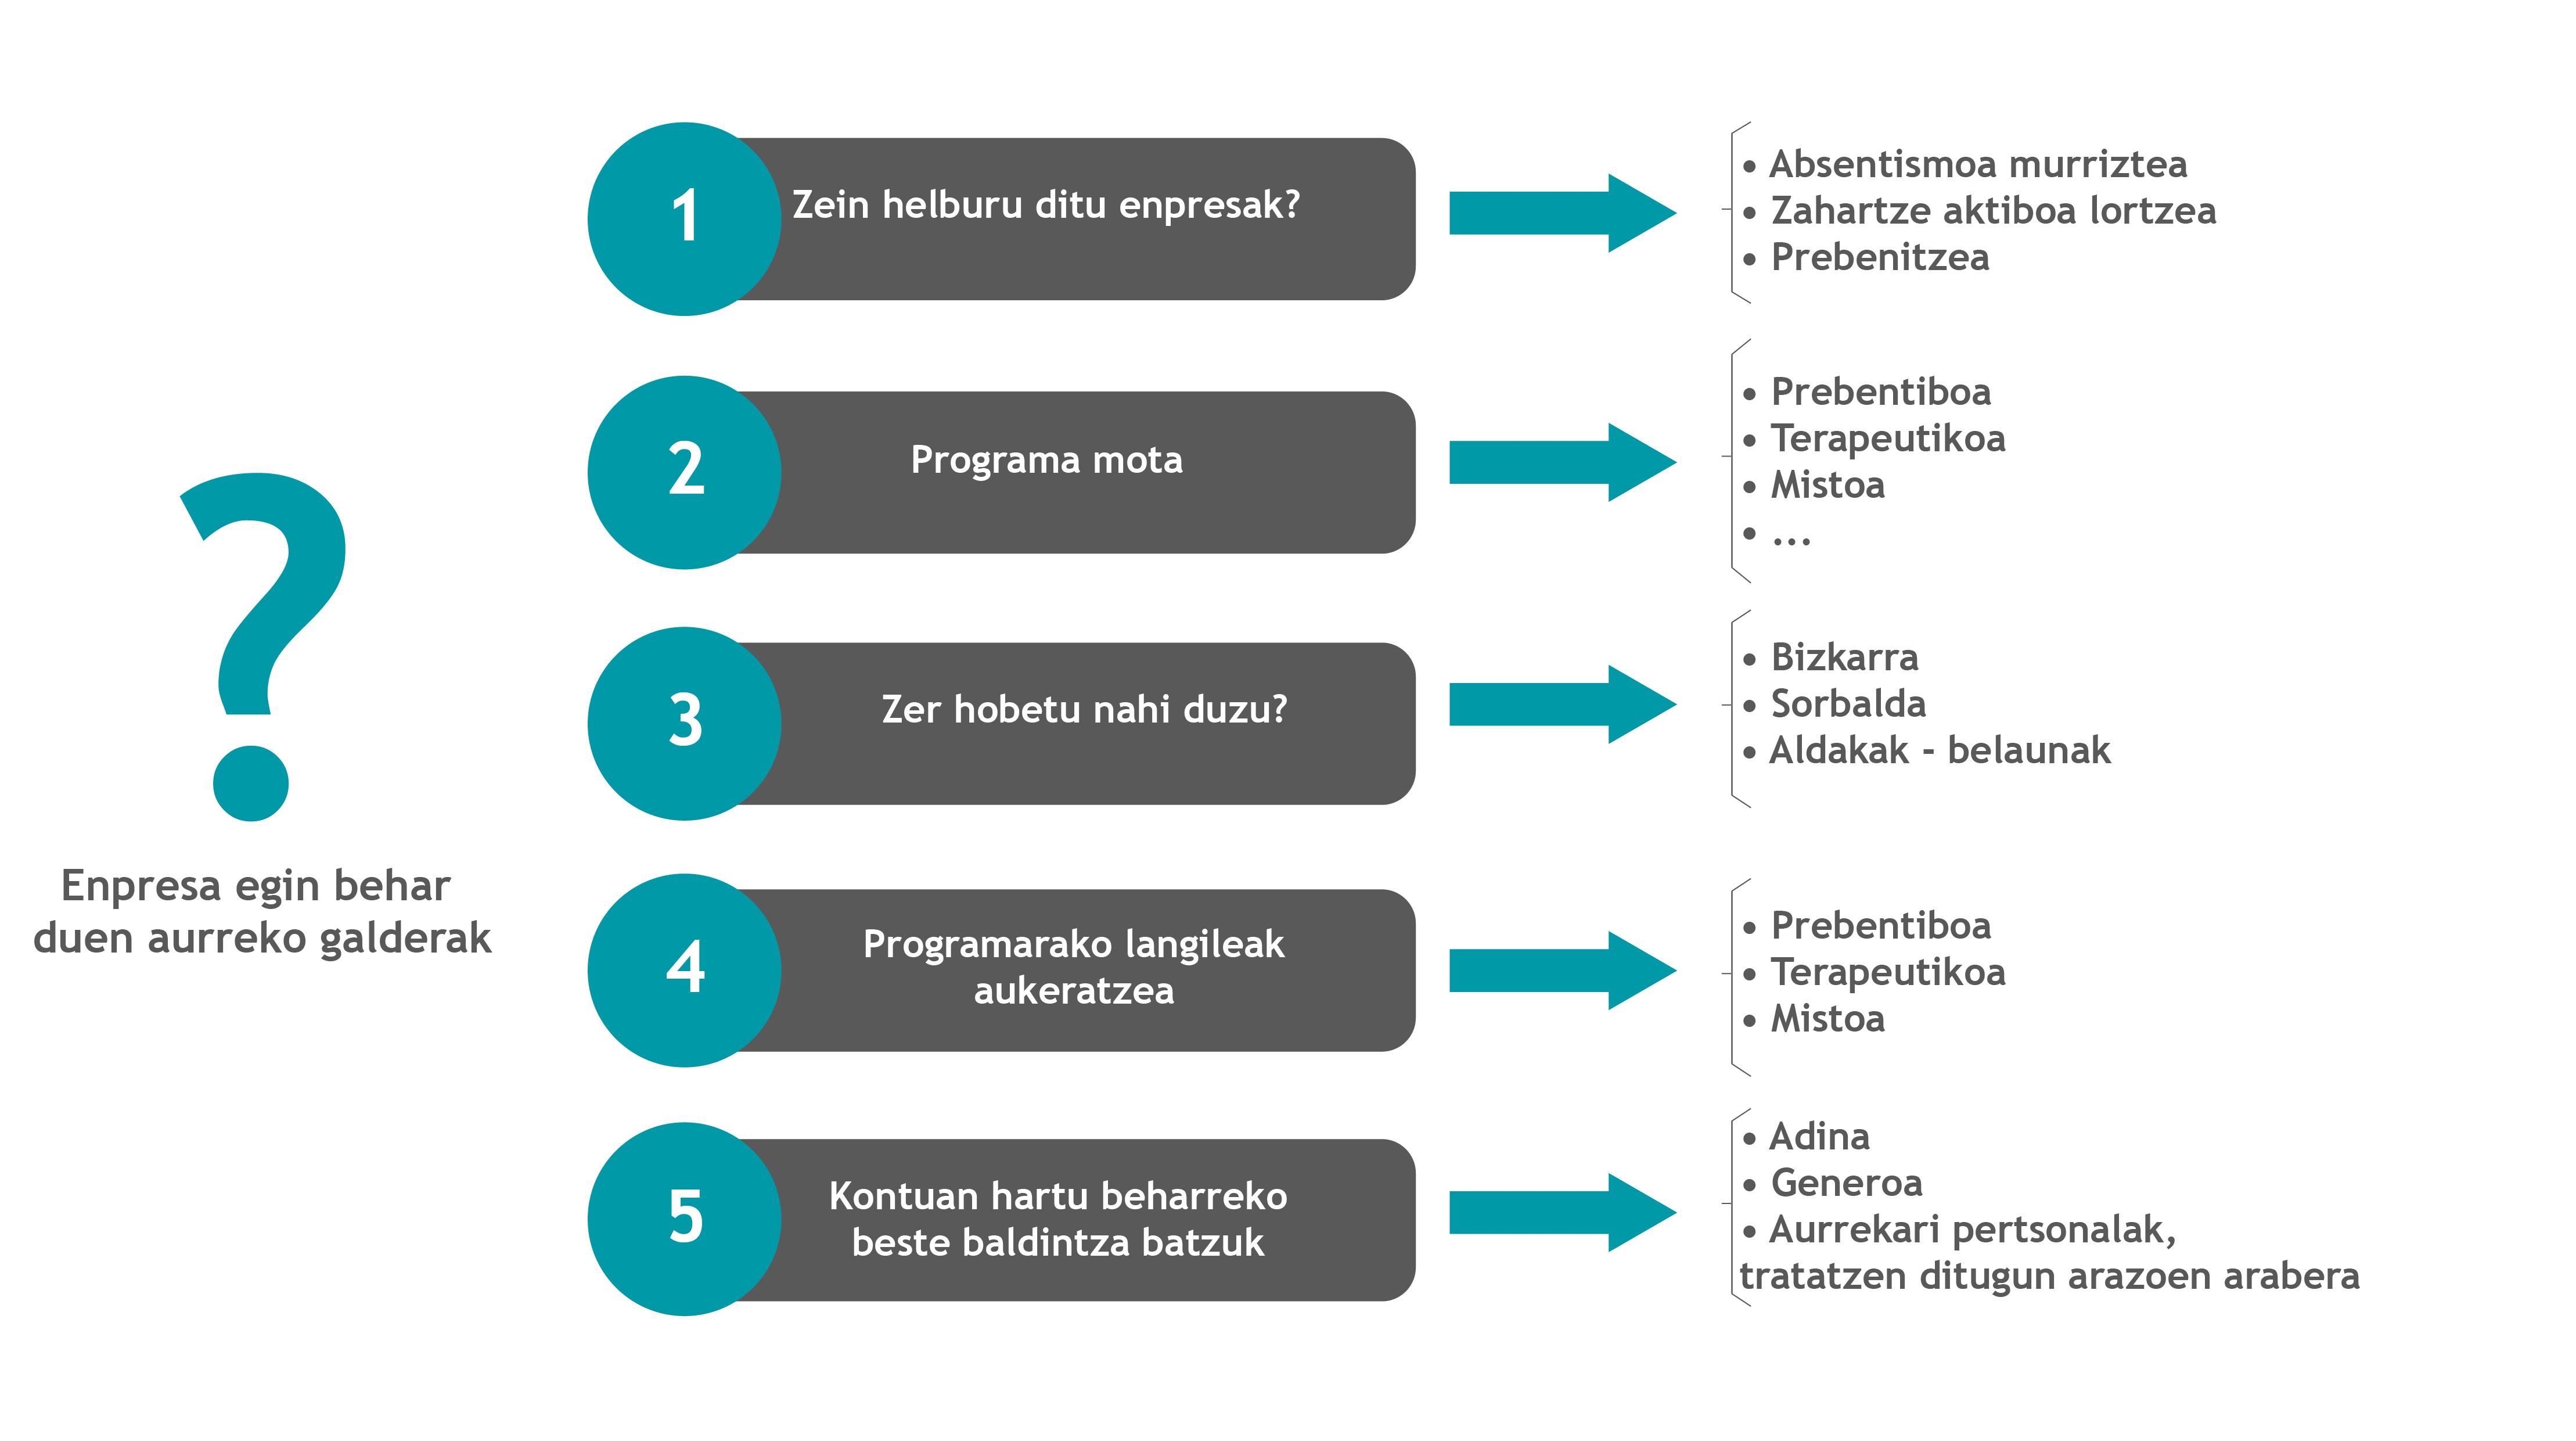 Beneficios_en euskera